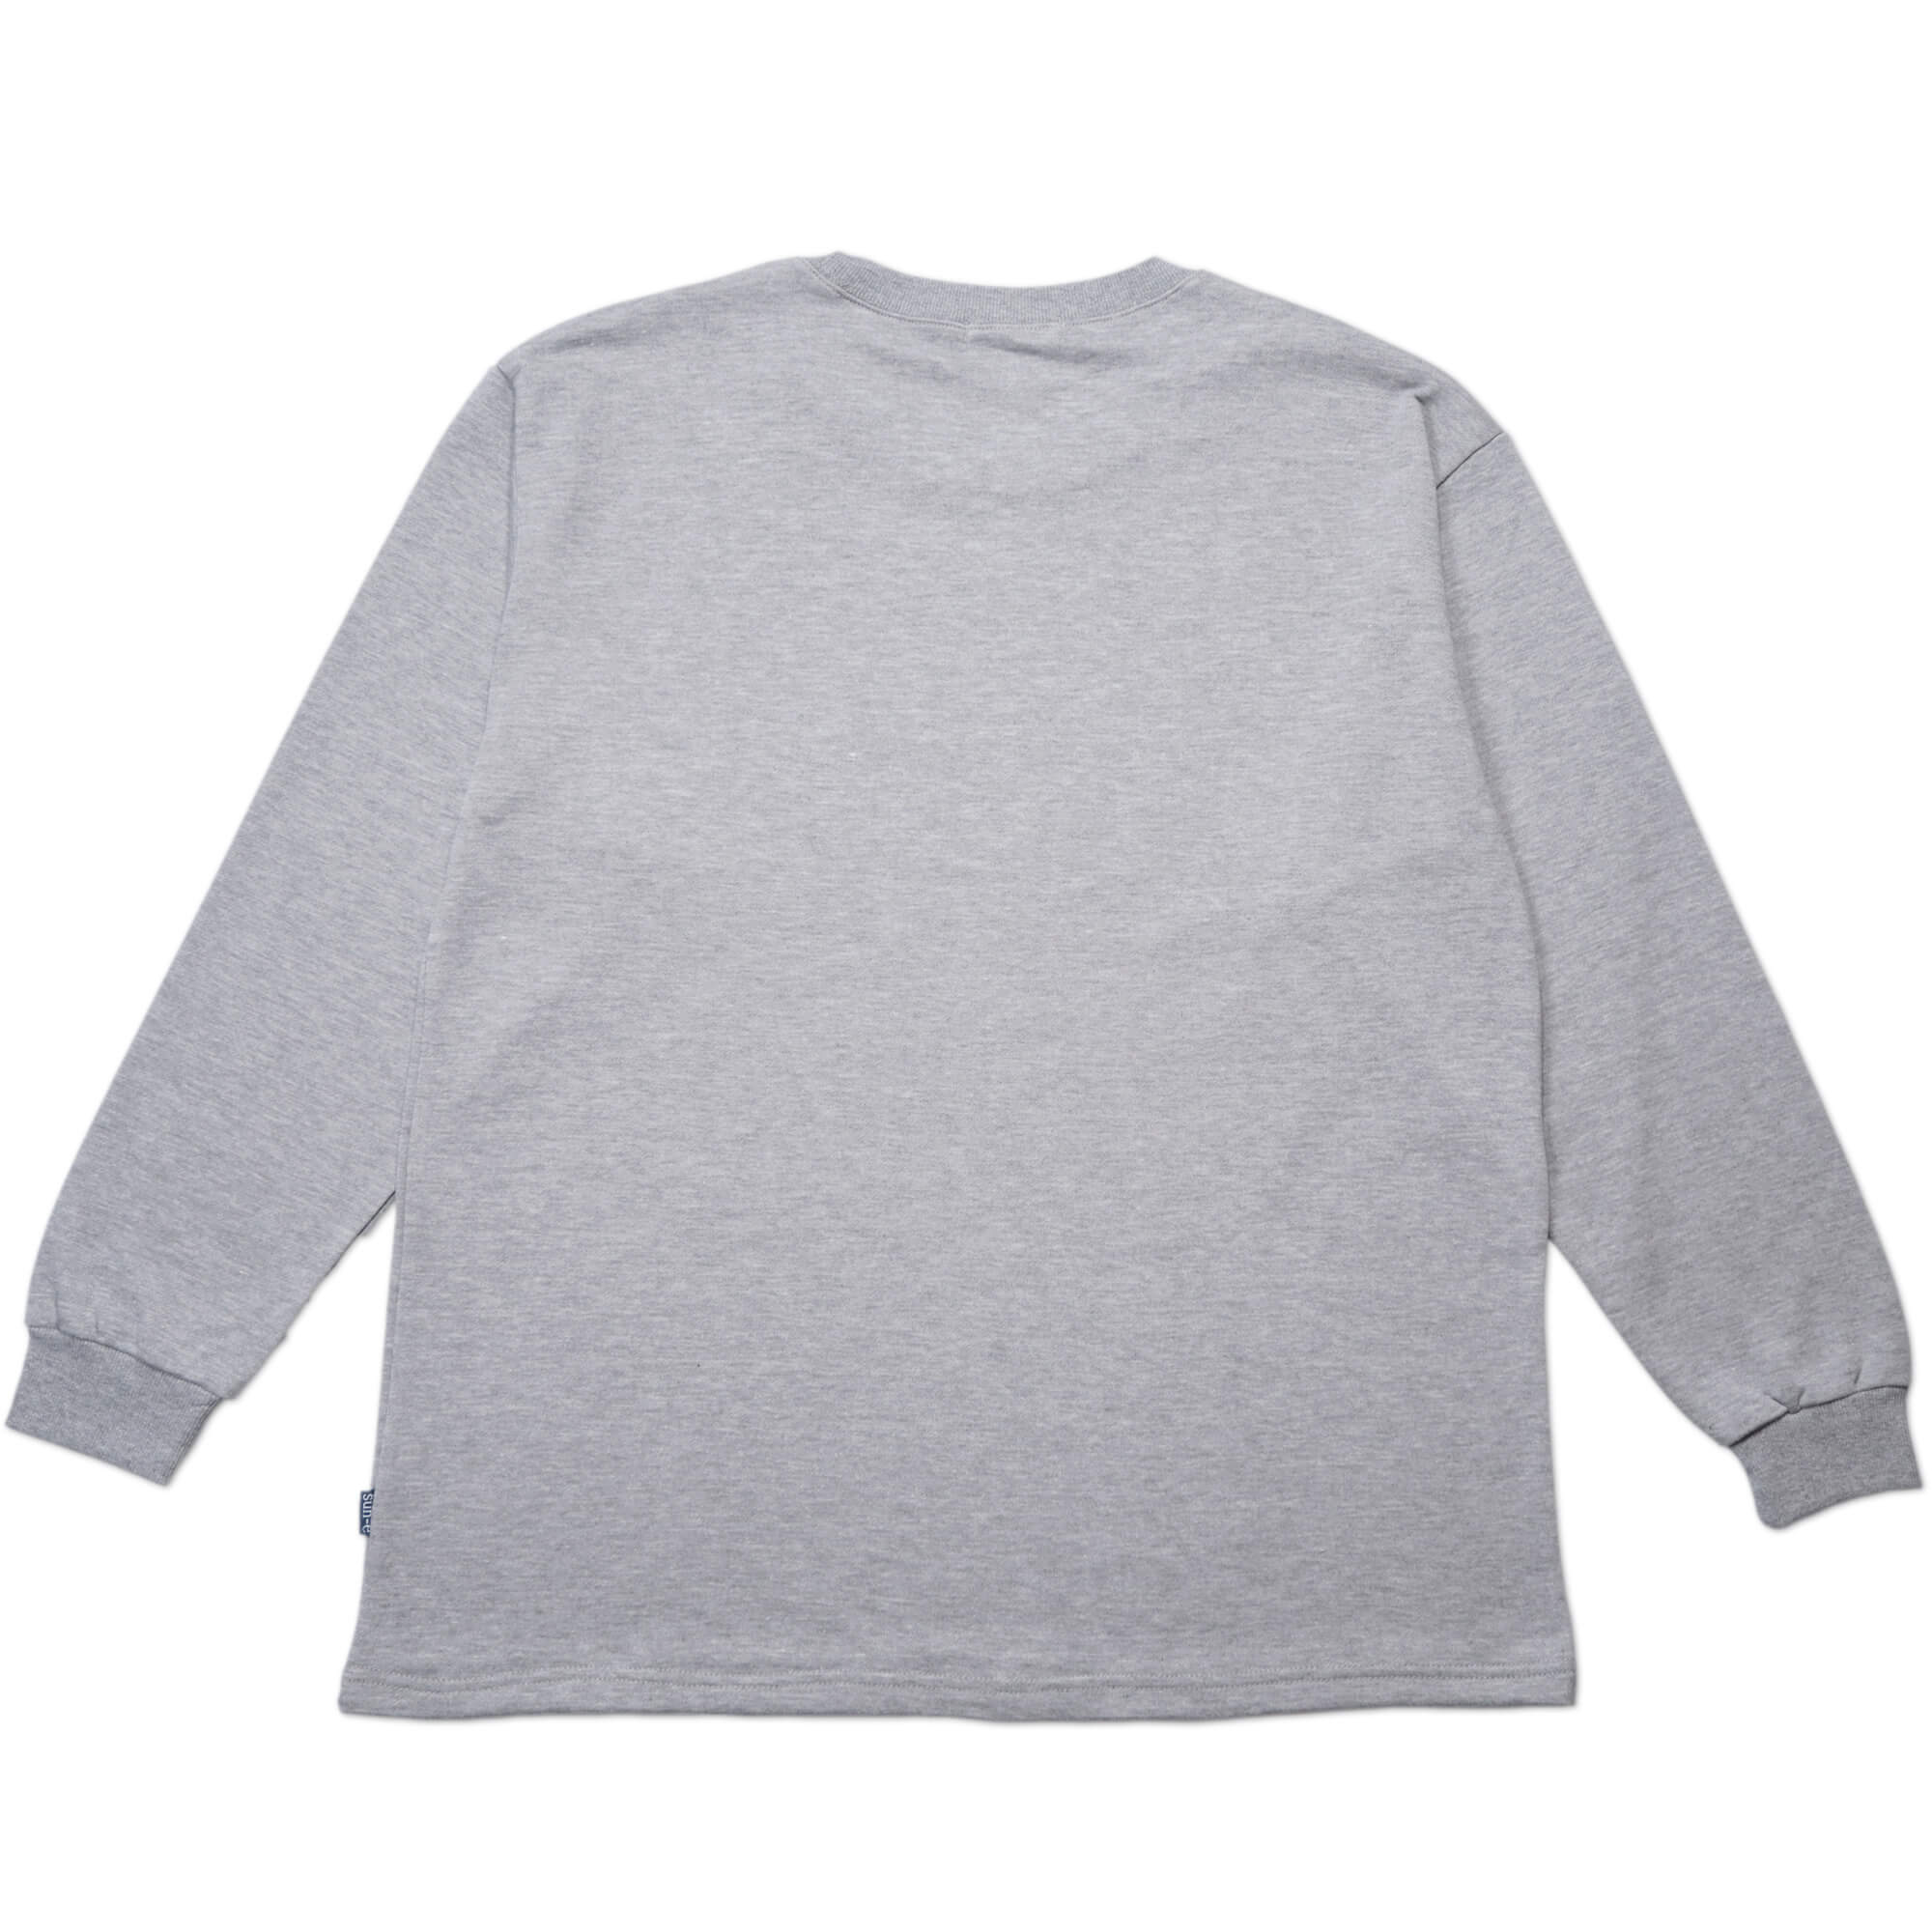 加大尺碼台灣製長袖T恤 西方龍圖及英文字彈性圓領T恤 T-shirt 長袖上衣 休閒長TEE 灰色T恤 黑色T恤 MADE IN TAIWAN BIG_AND_TALL (310-0861-21)黑色、(310-0861-22)灰色 4L 6L(胸圍52~57英吋) [實體店面保障] sun-e 4